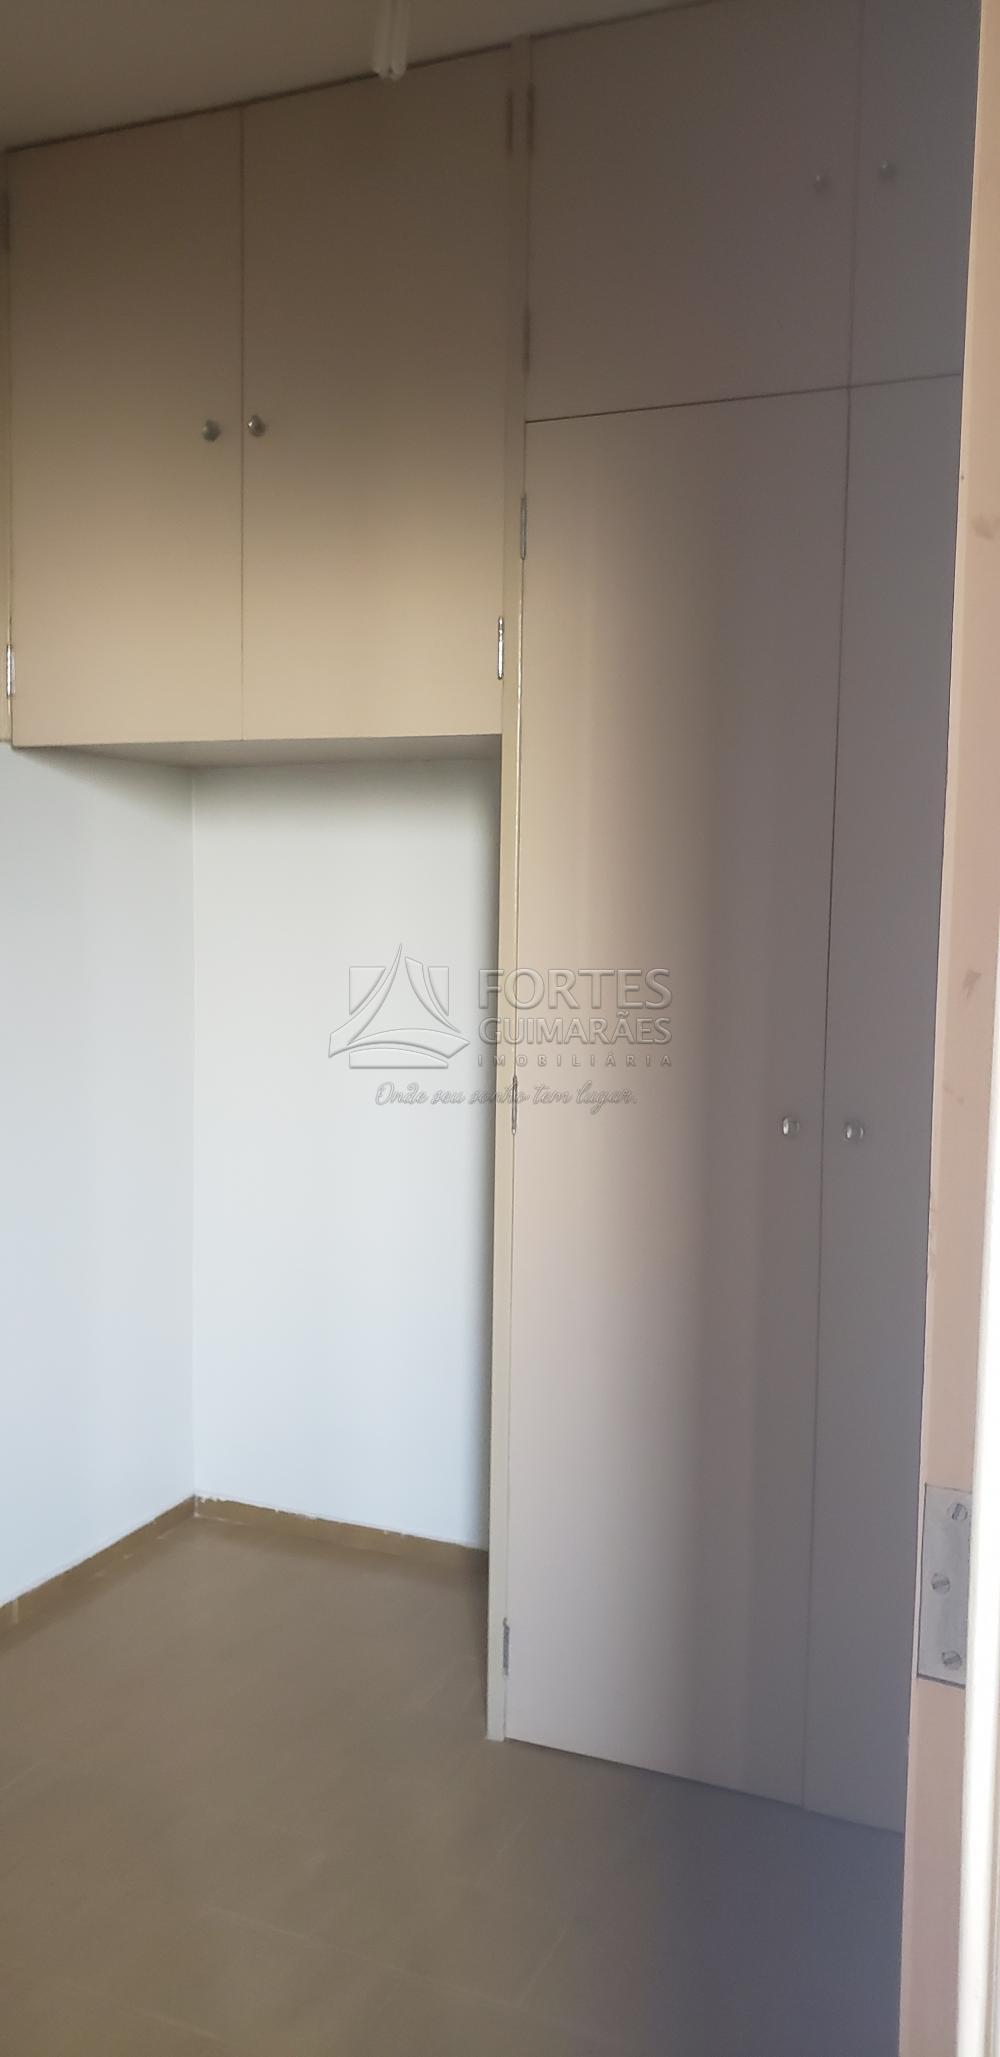 Alugar Apartamentos / Padrão em Ribeirão Preto apenas R$ 1.100,00 - Foto 11